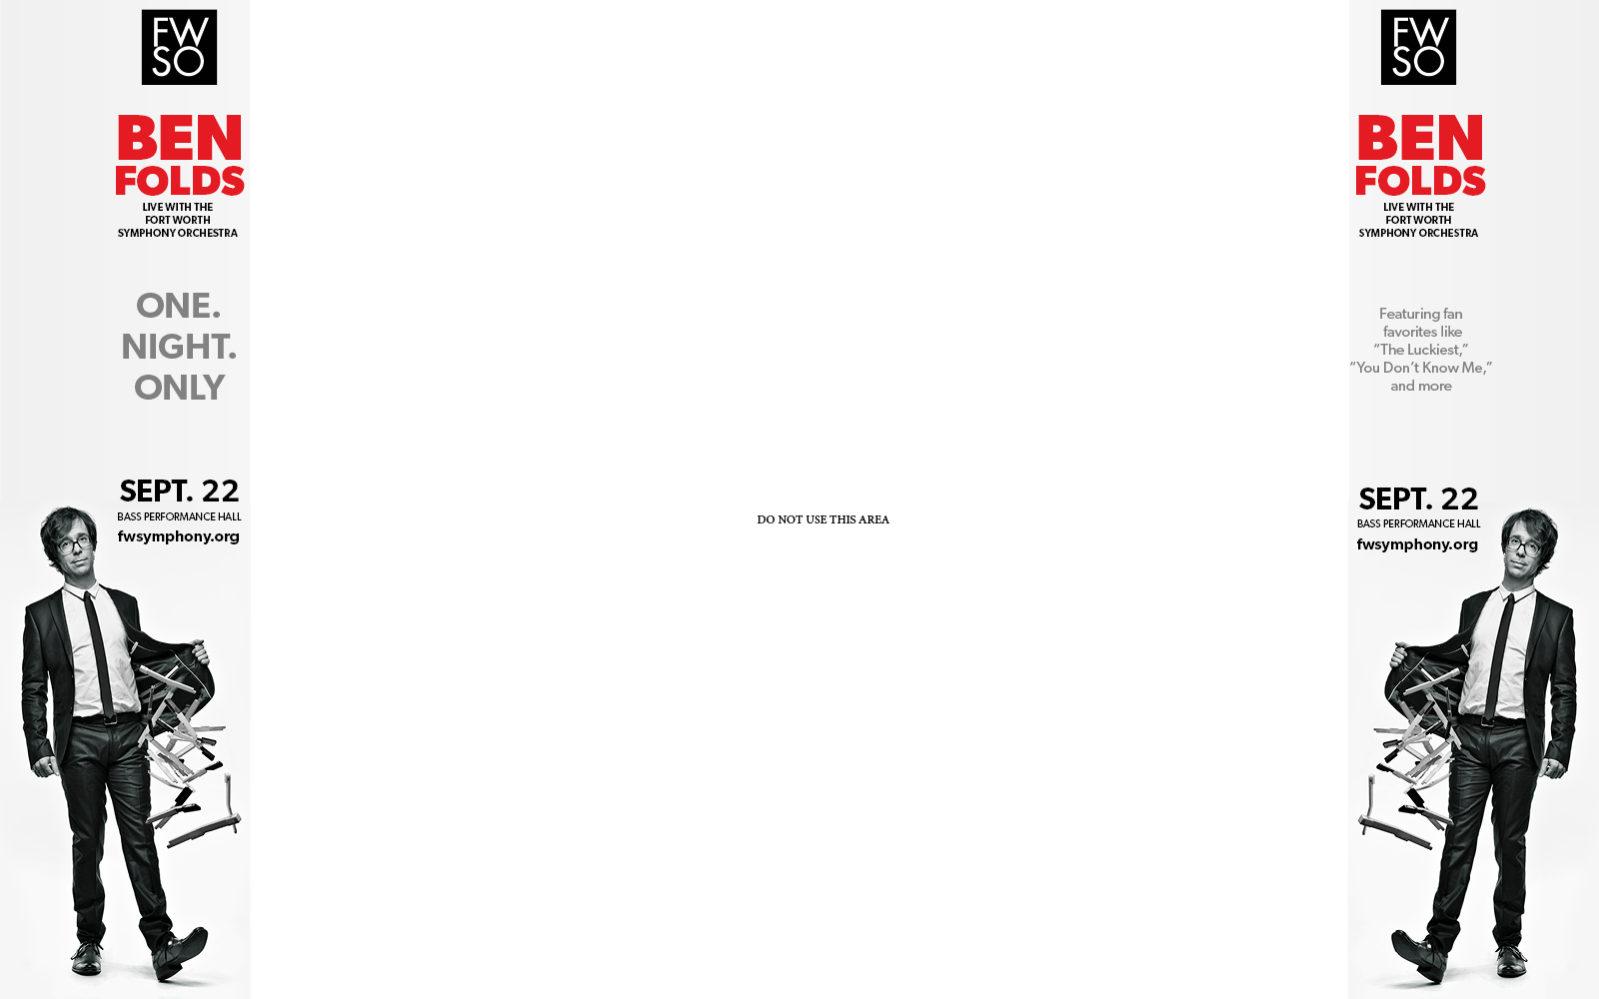 FWSO_BenFolds_Reskin_1600x1000